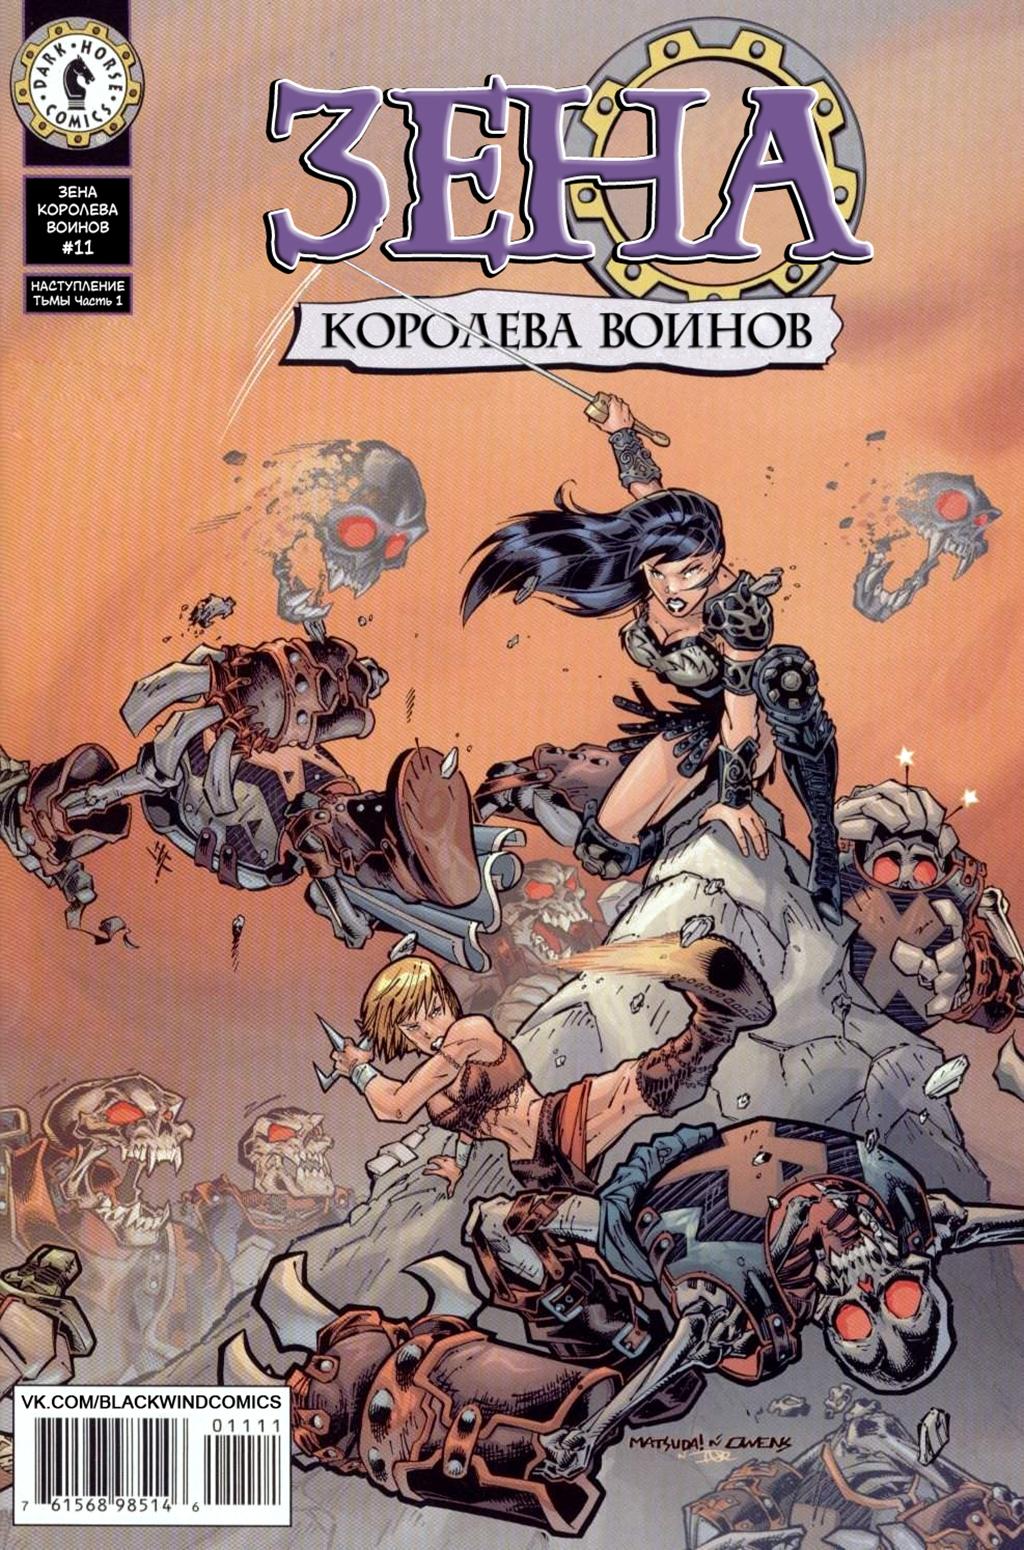 Комикс Зена - Королева воинов